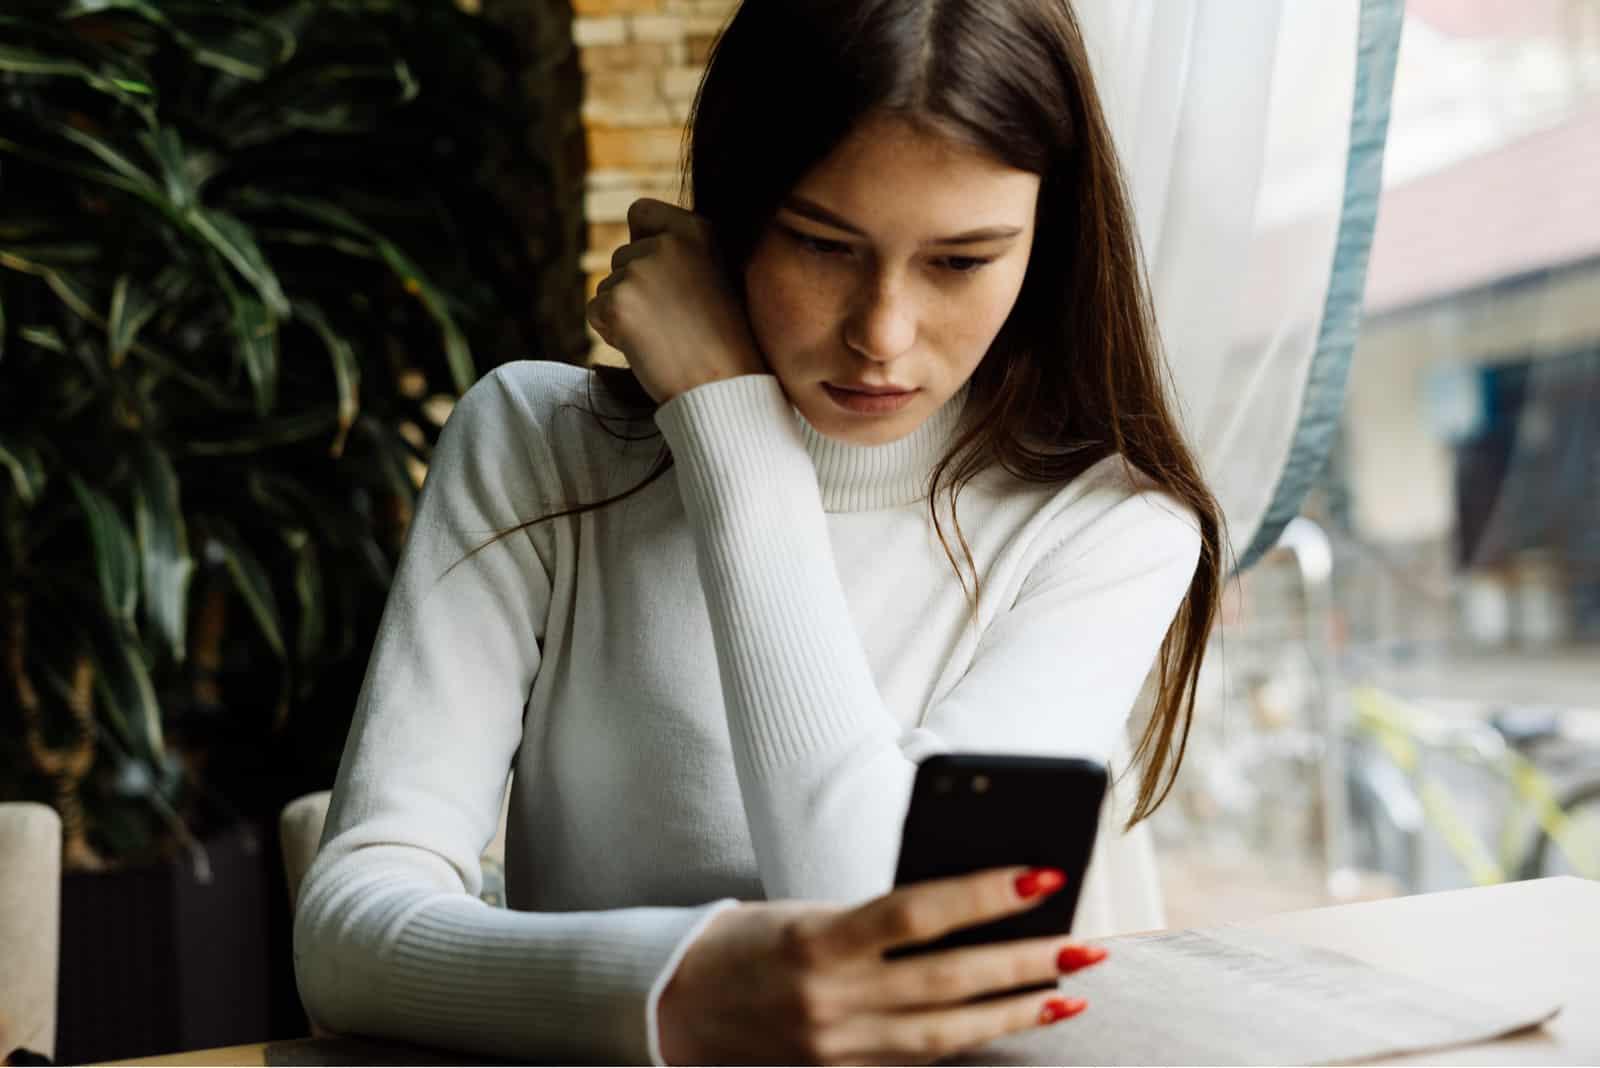 une femme aux longs cheveux noirs est assise et des boutons sur le téléphone